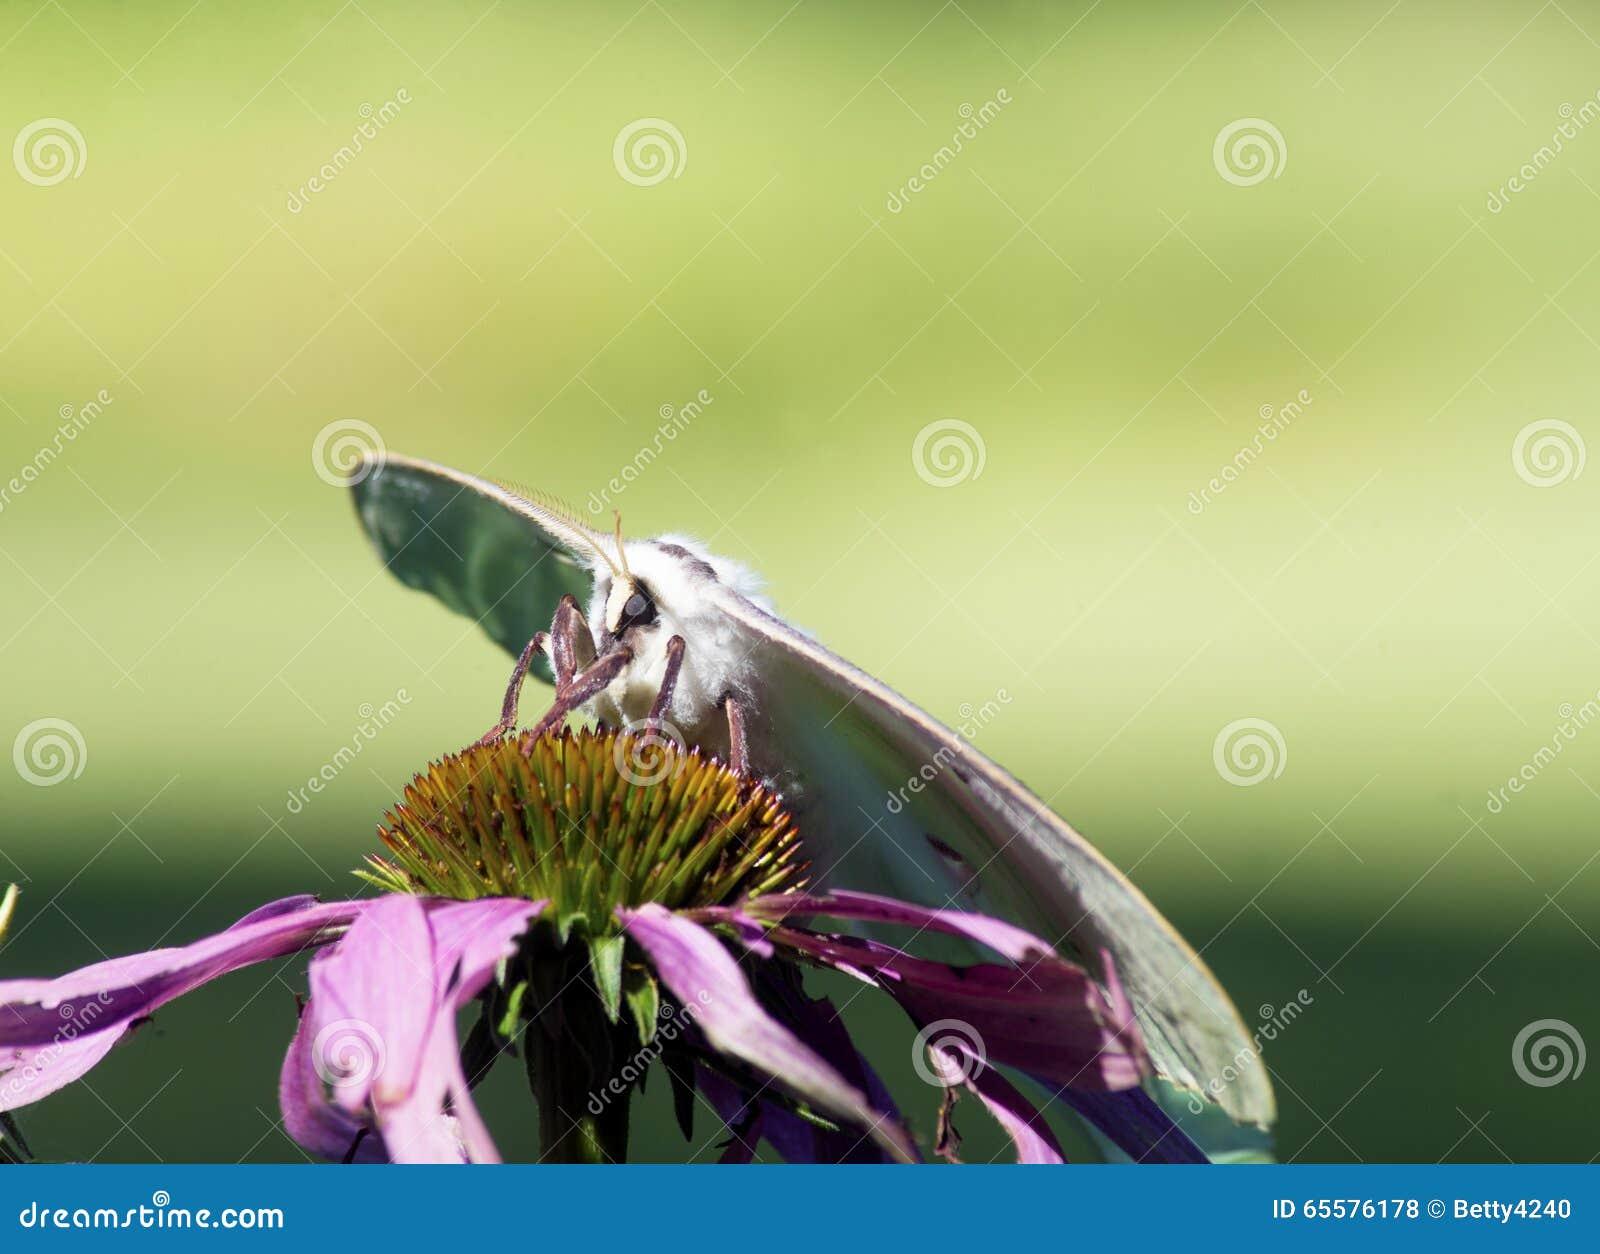 Luna Moth bonita empoleirada enfrentando o camea